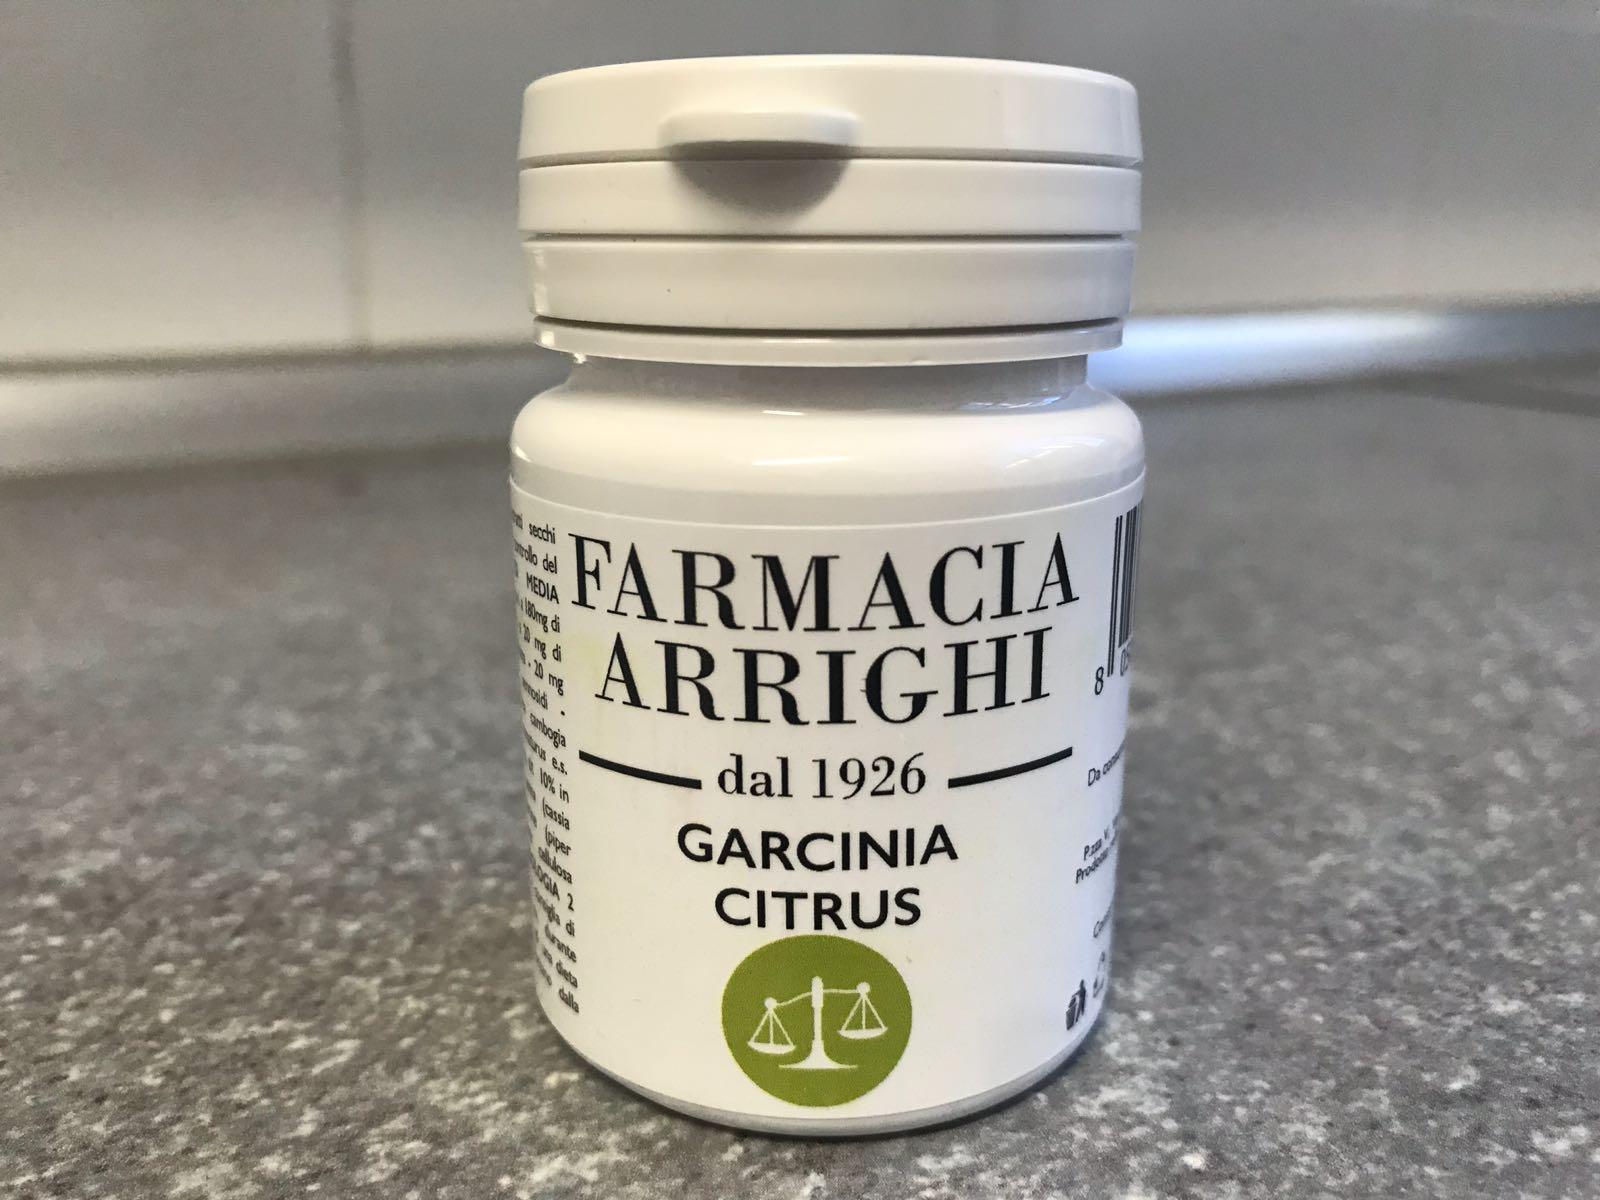 Garcinia Citrus